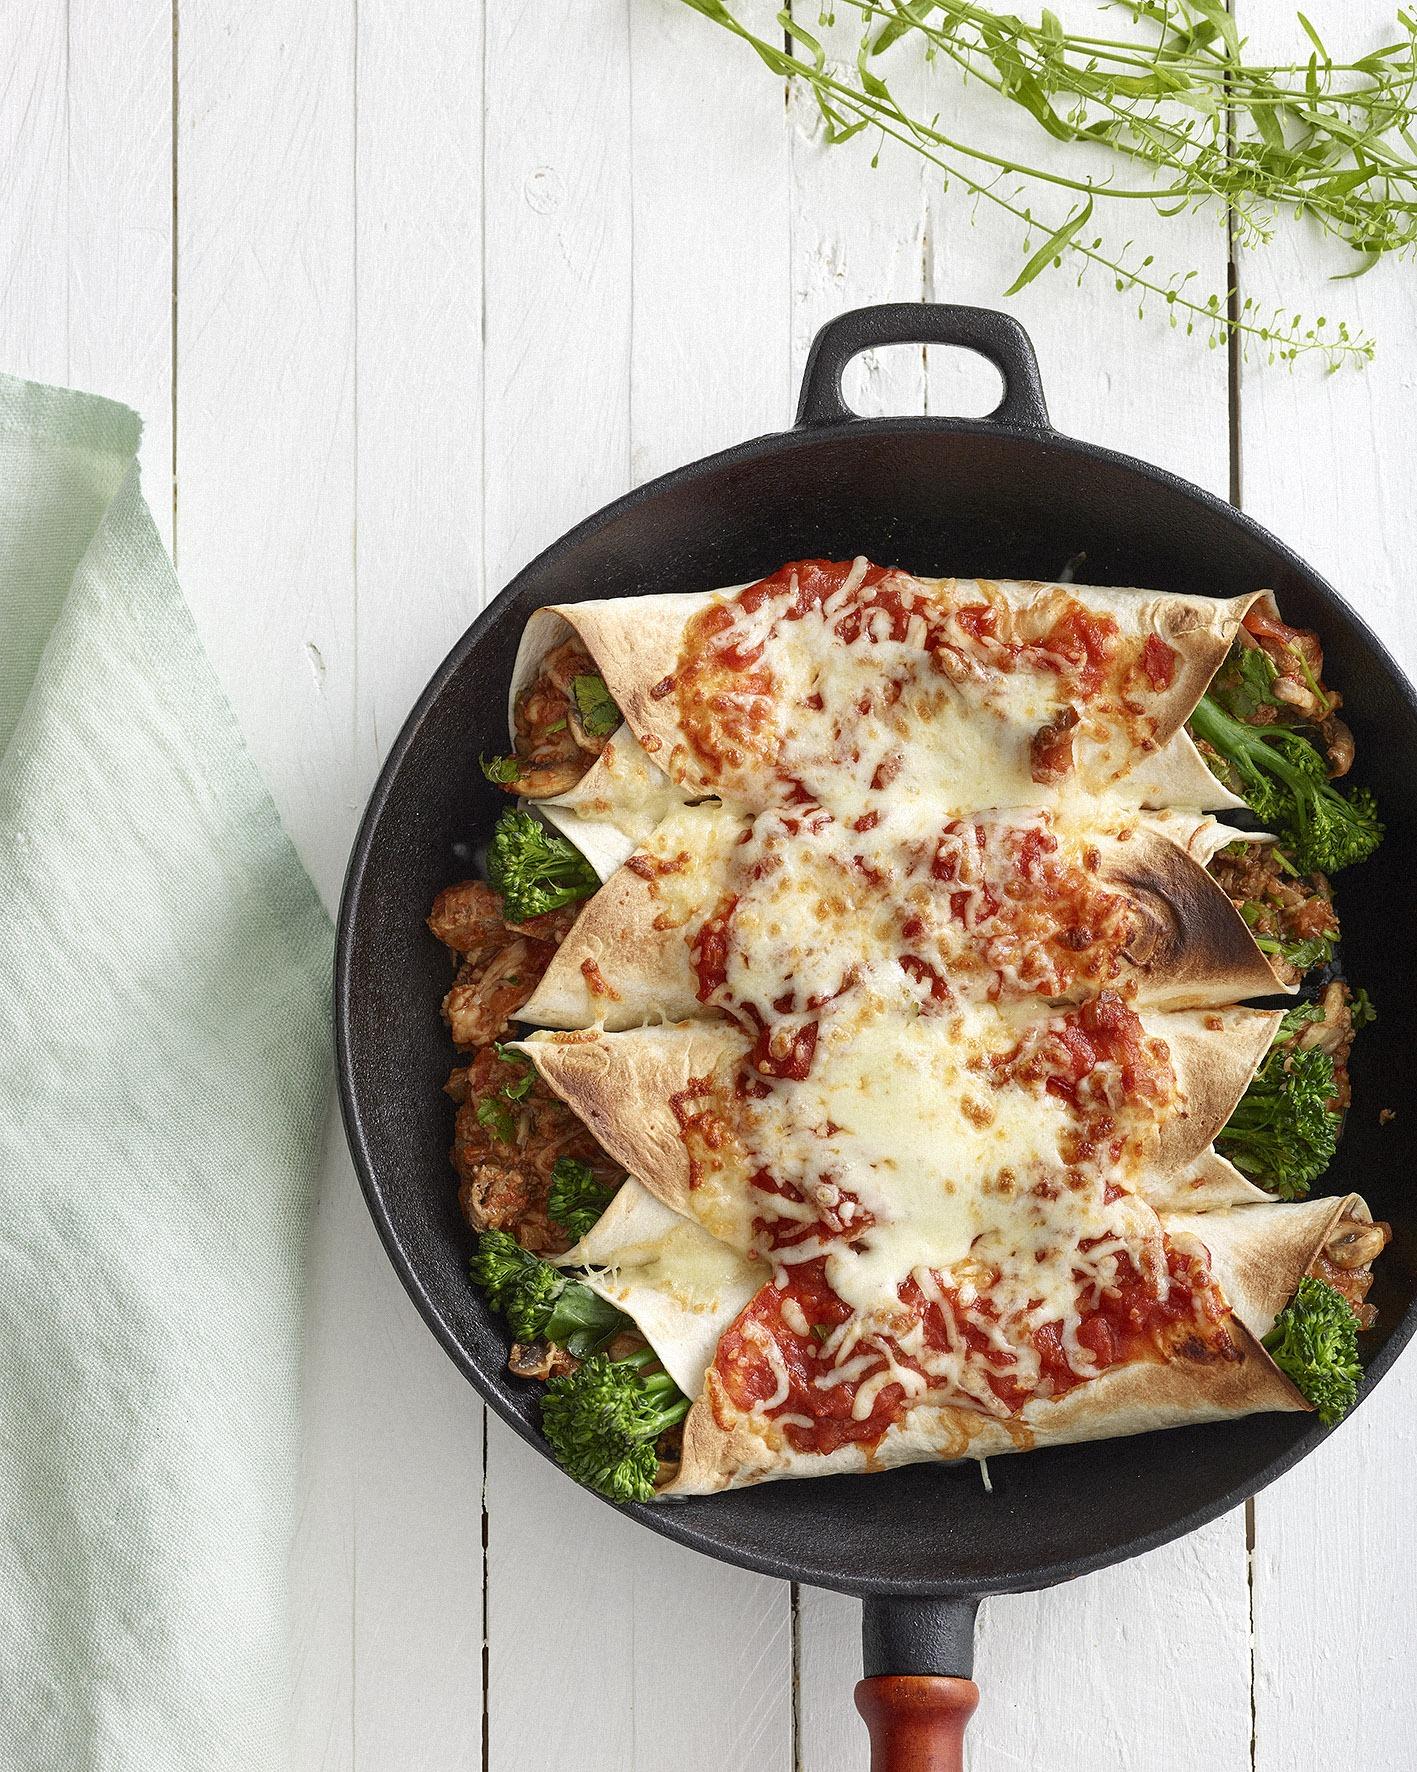 Mushroom Enchiladas